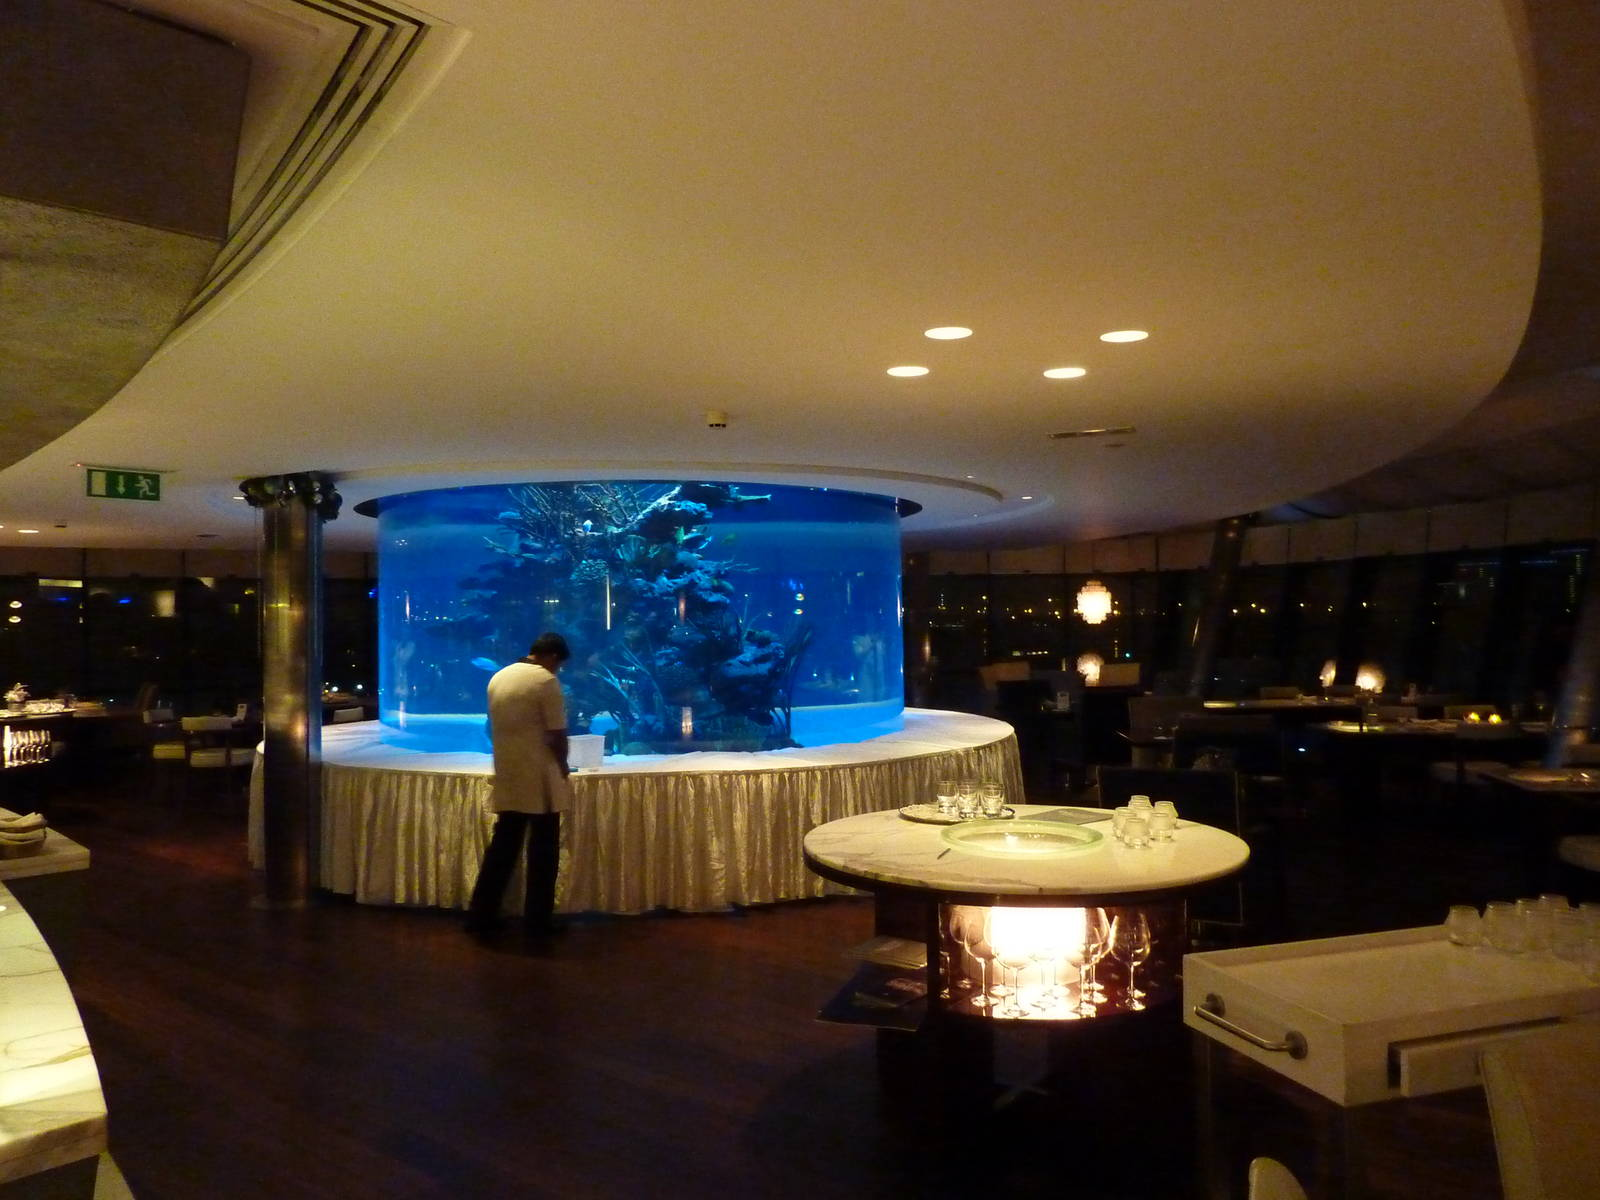 Aquarium Dubai Restaurant - Zoochat